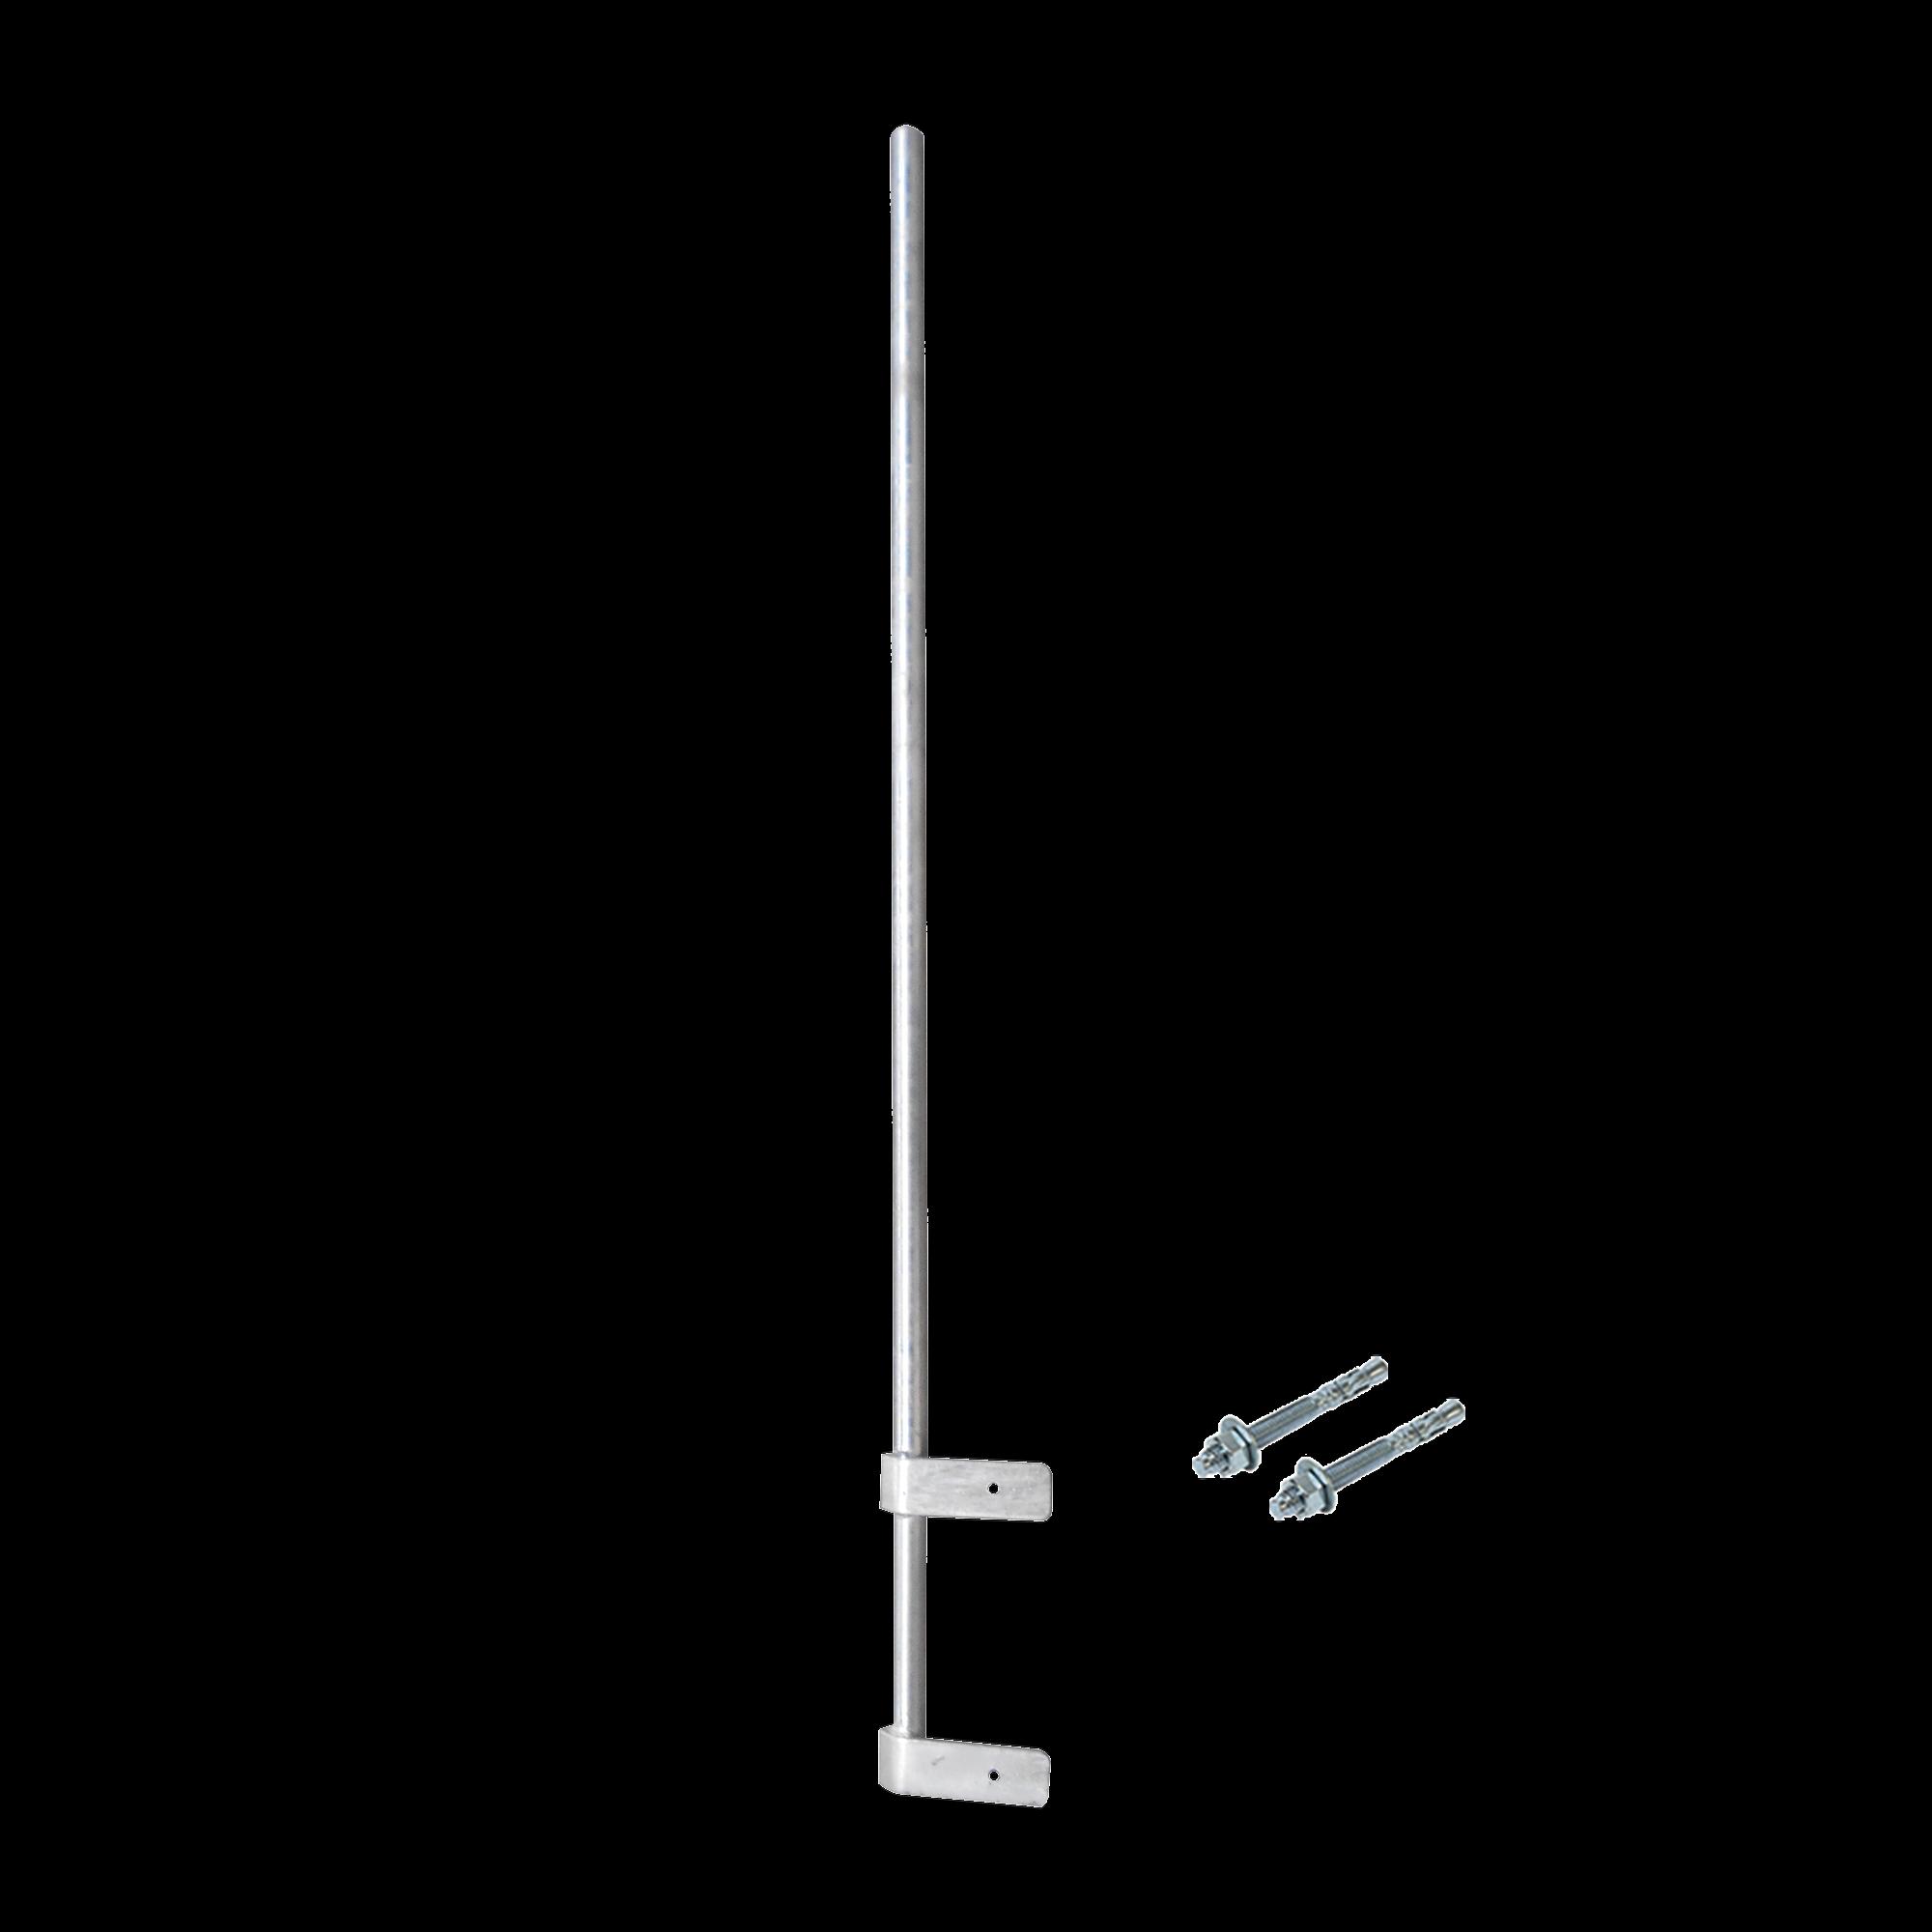 Mástil Liviano de Pared de 1.5 m (Diam. 1-1/4) con Cejas de Fijación  Soldadas, ?No se gira! Incluye Taquetes para instalación.